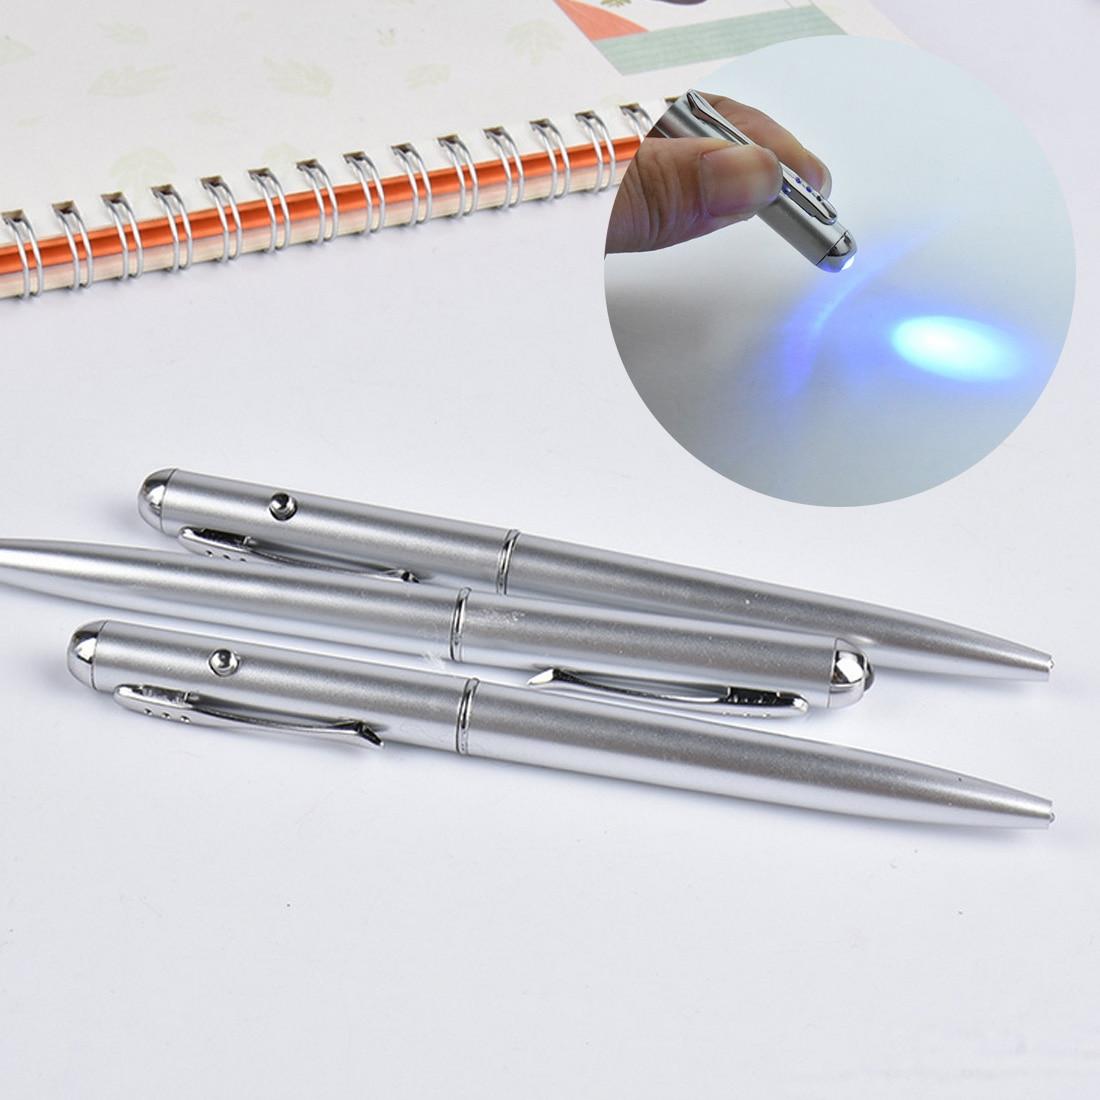 Multi-funktion LED UV Licht Magie Kugelschreiber Stift mit Unsichtbarer Tinte Geheimnis Kugelschreiber Für Schule Büro Liefert Kreative geschenke